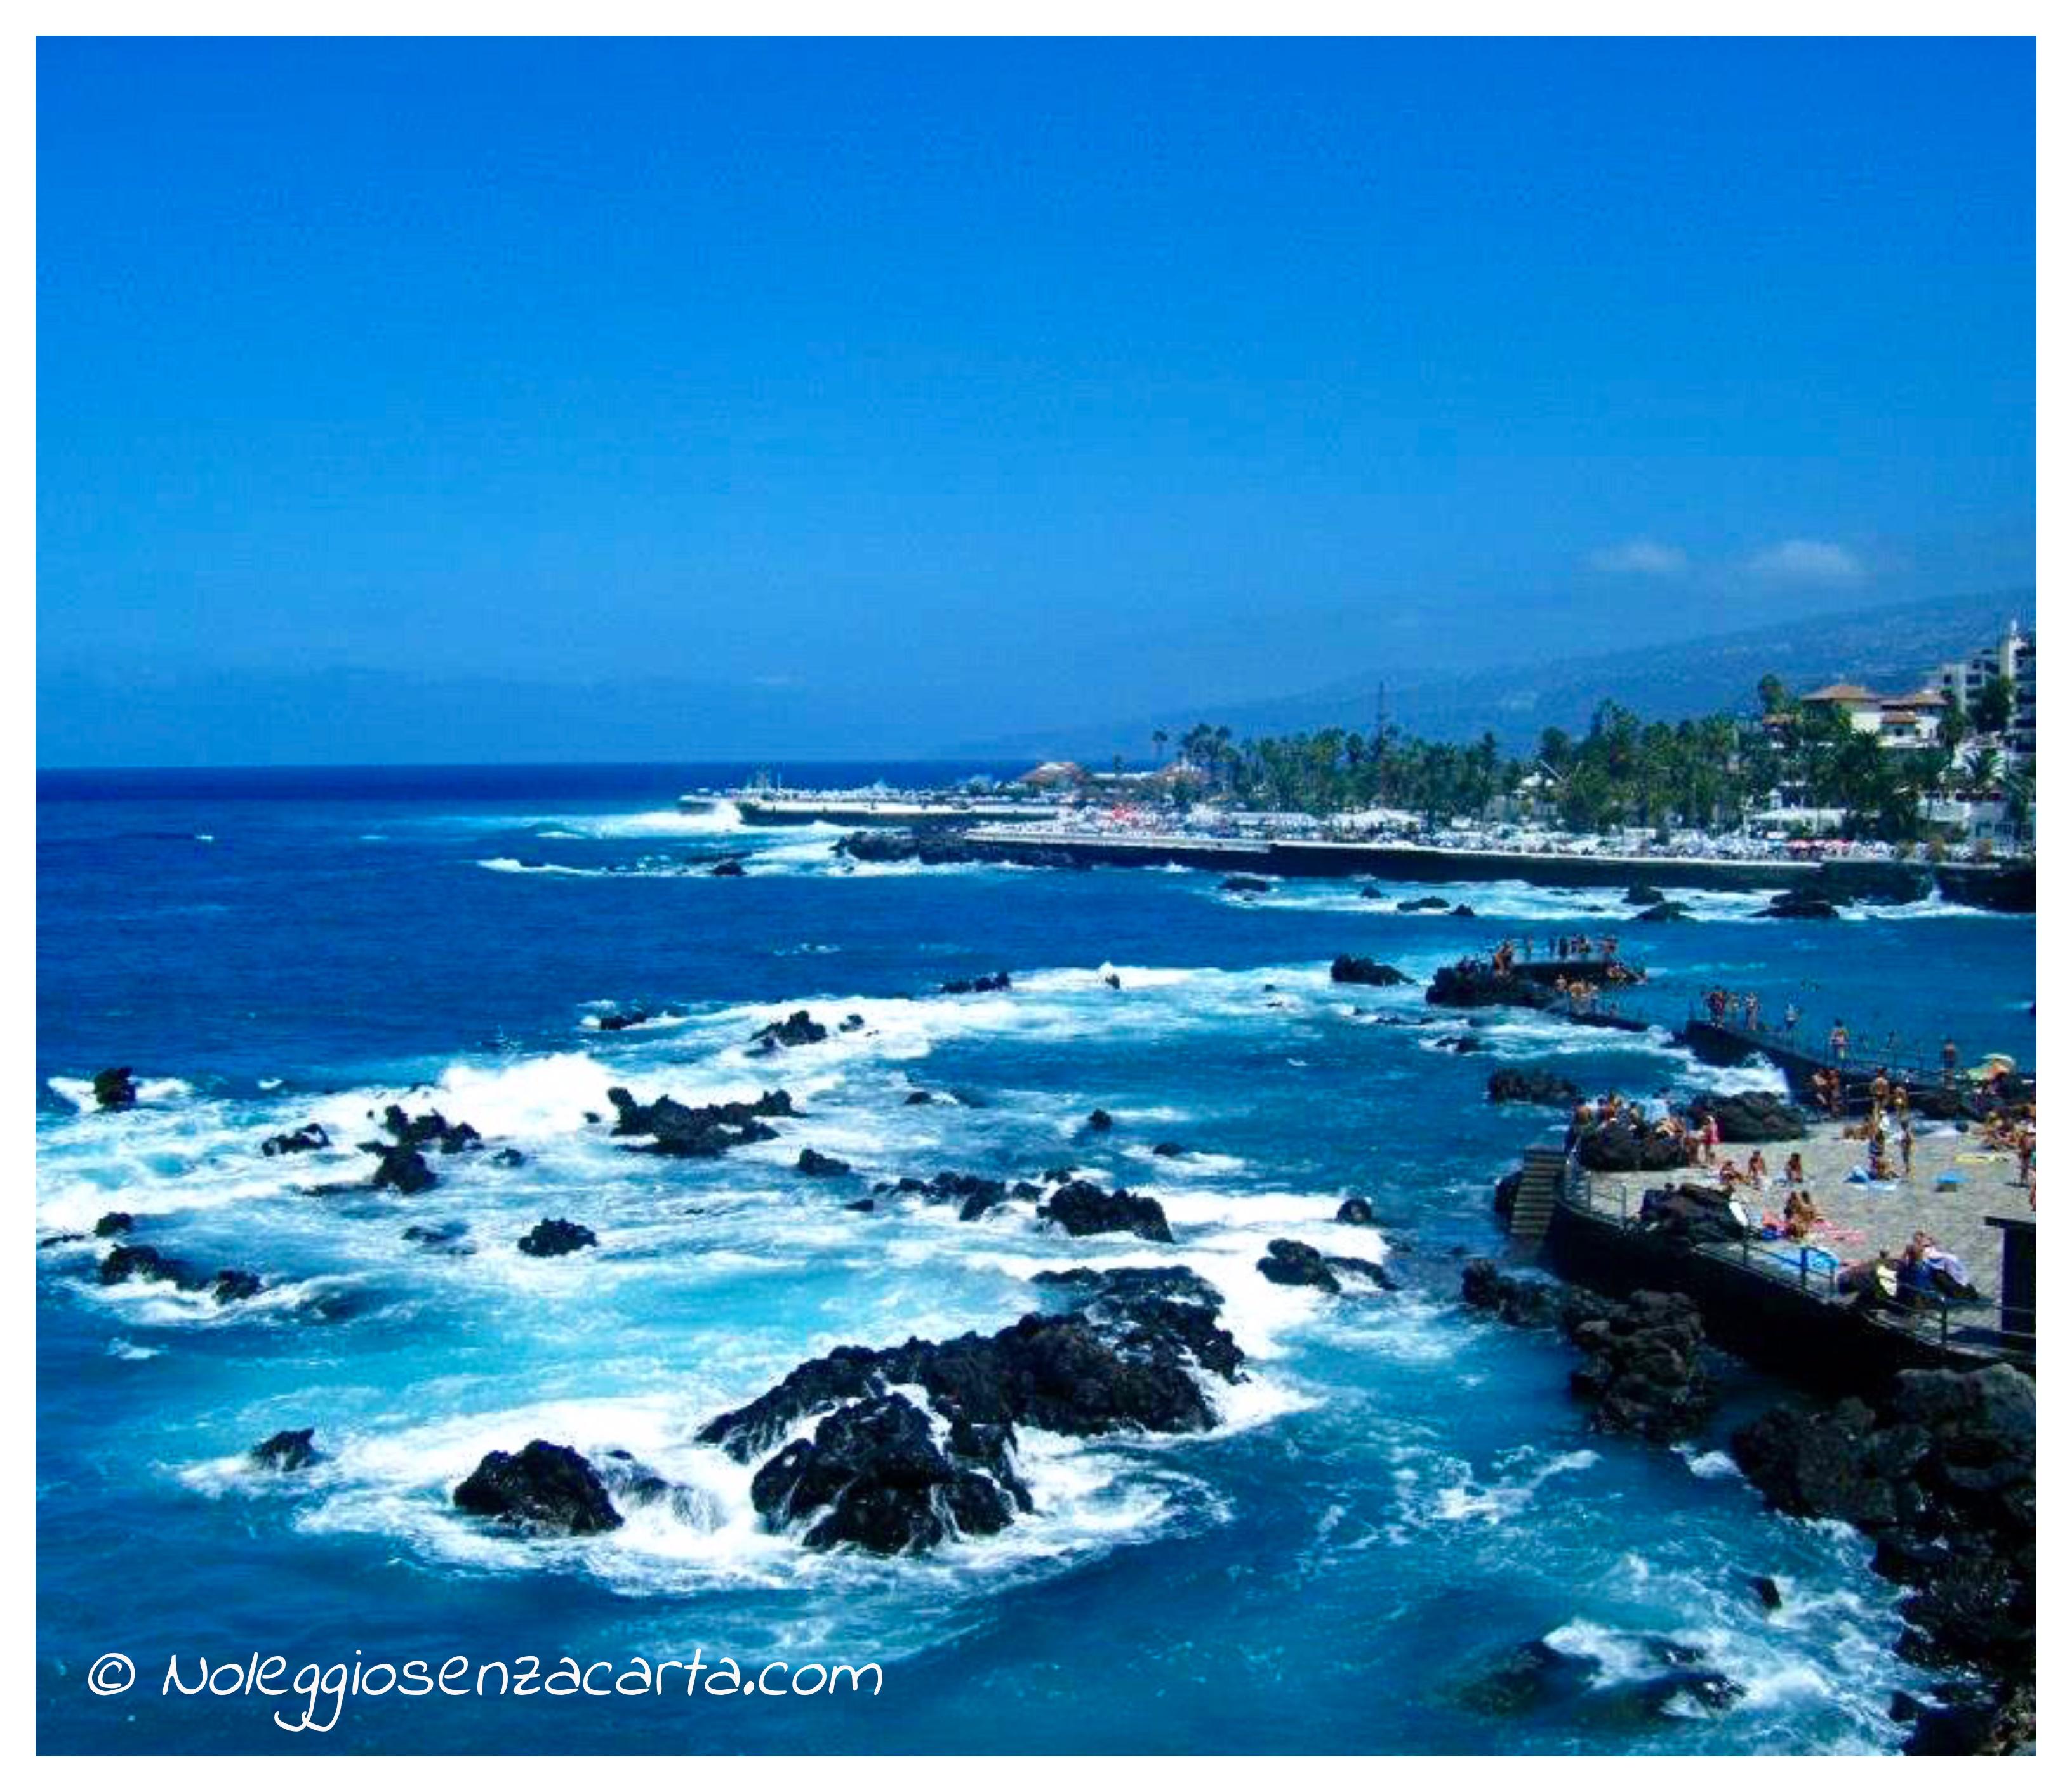 Noleggiare auto senza carta di credito a Tenerife